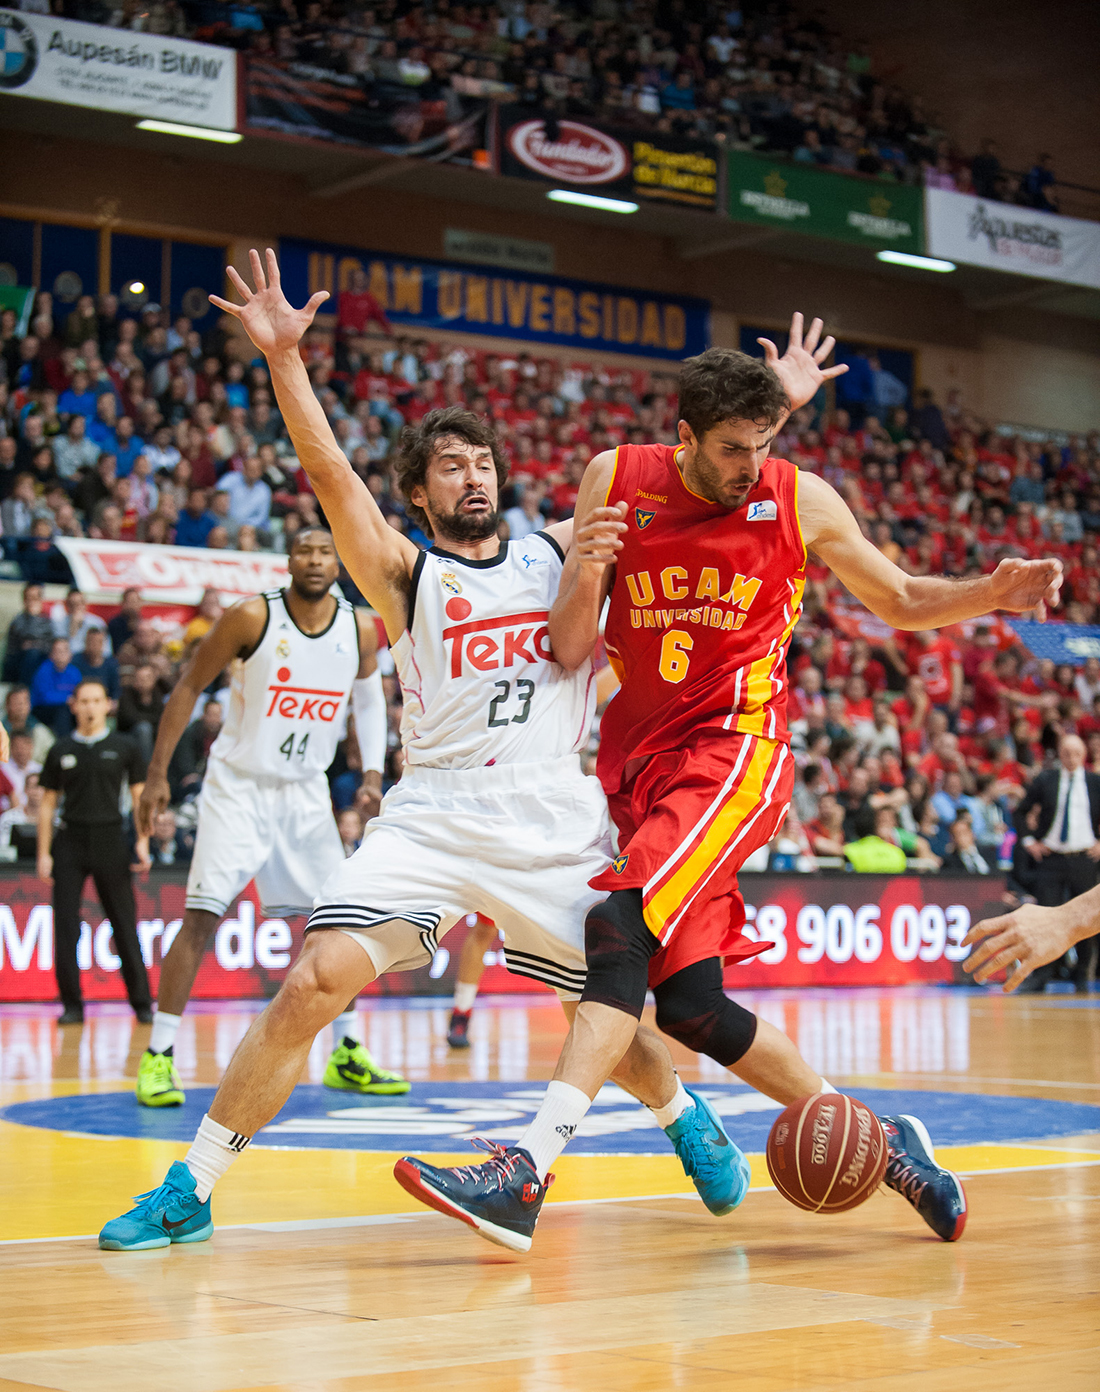 ACB Photo/J. Bernal